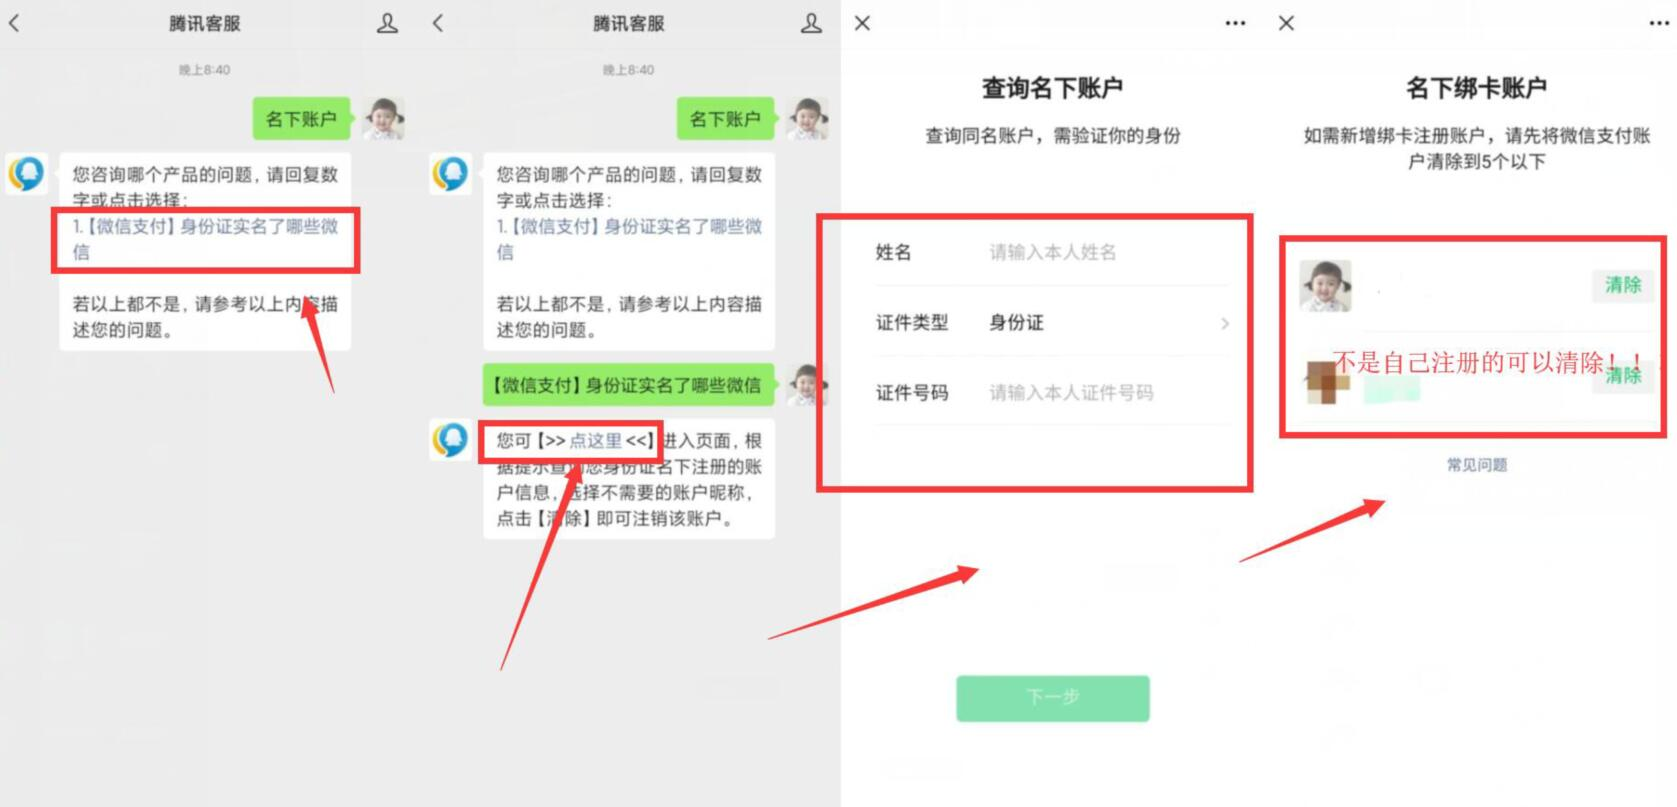 如何查询微信名下的可疑账户